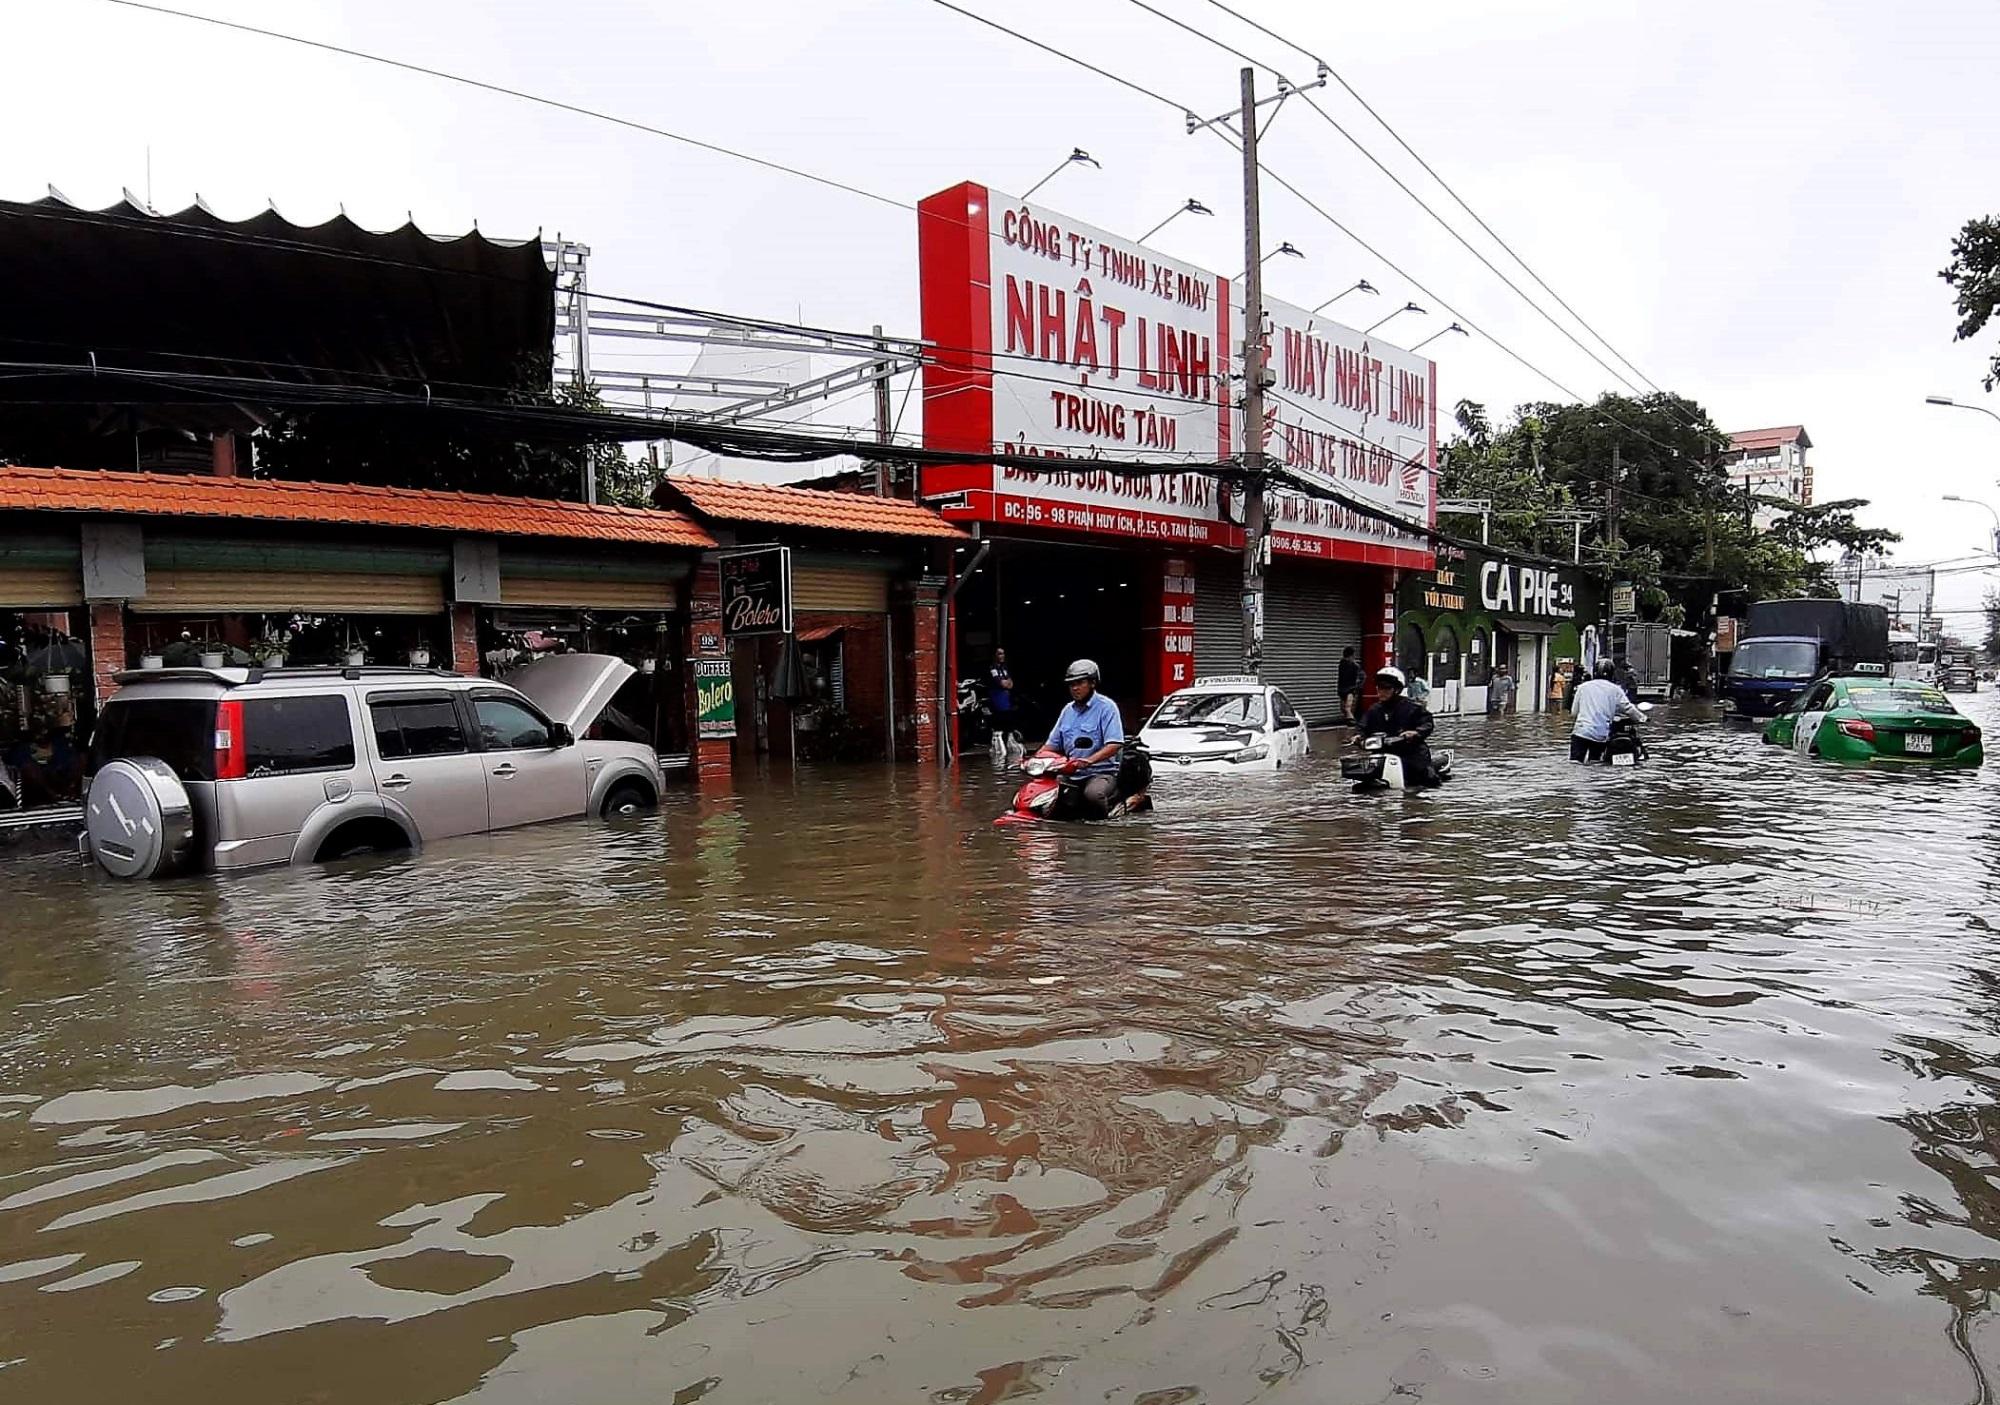 Sau một đêm tơi tả trong bão lịch sử, người Sài Gòn tiếp tục thở không ra hơi vì ngập nước kẹt xe nhiều giờ - Ảnh 7